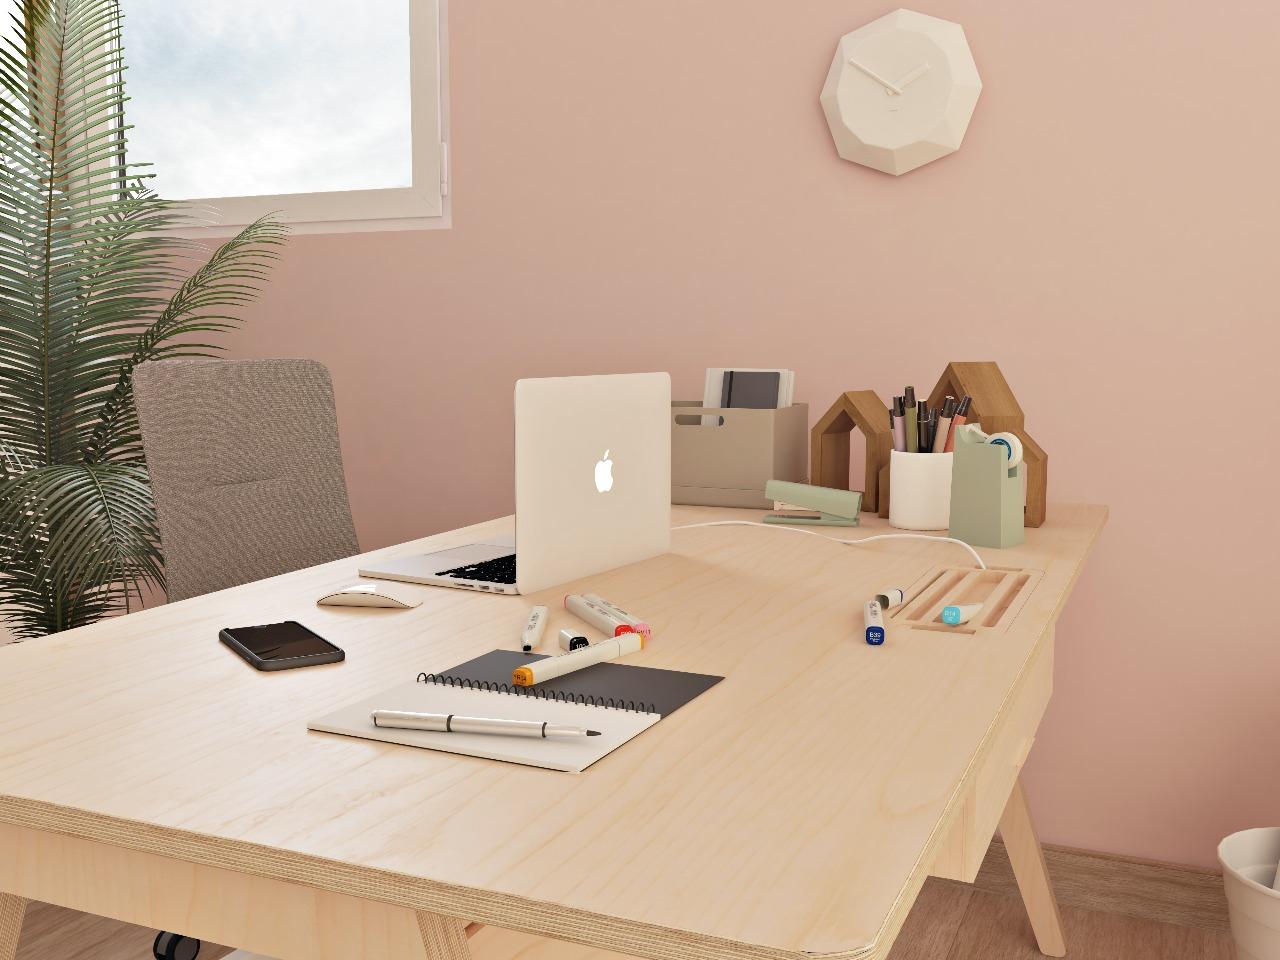 Bureau simple en bois au design de bureau treteau disposé dans un espace de créativité aux tons pastels et au style scandinave